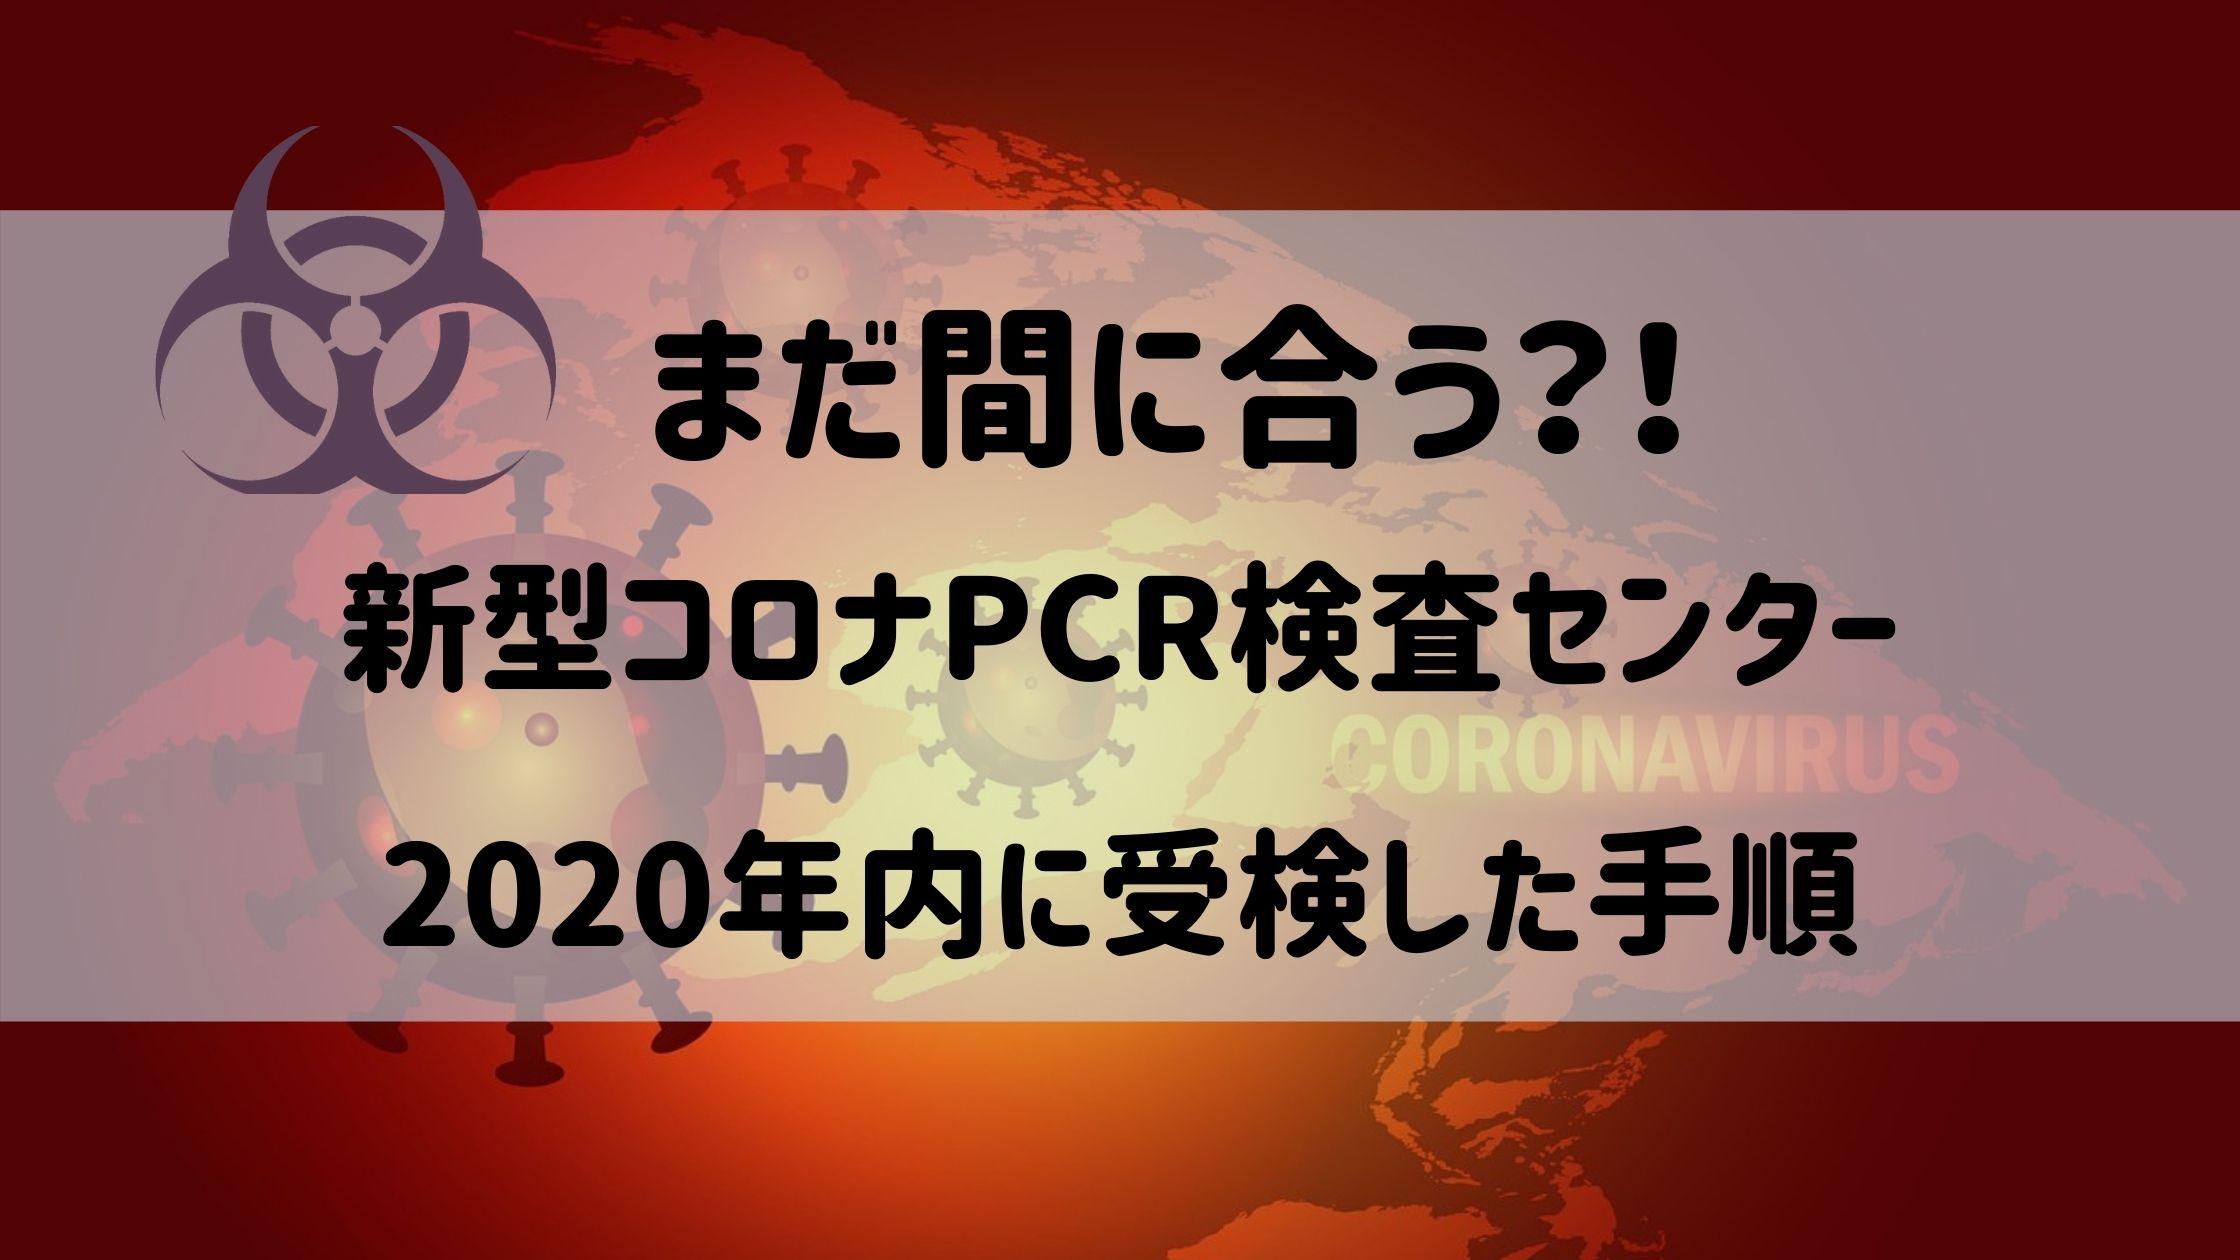 新型コロナ PCR検査 ウイルス 2020年 アイキャッチ